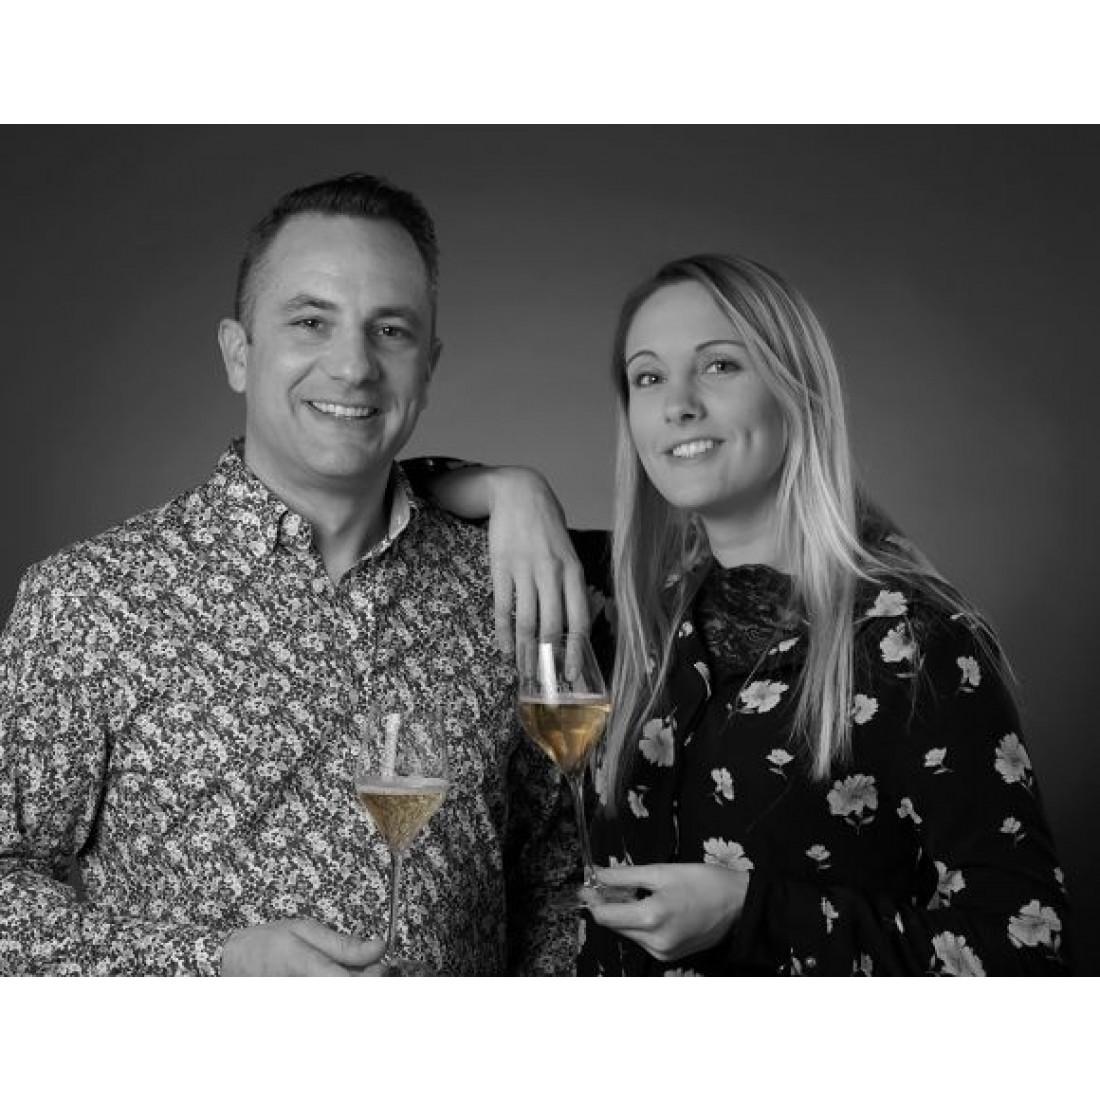 Charlier et Fils smagning torsdag den 3 oktober kl. 19.00 I Champagnekælderen-32